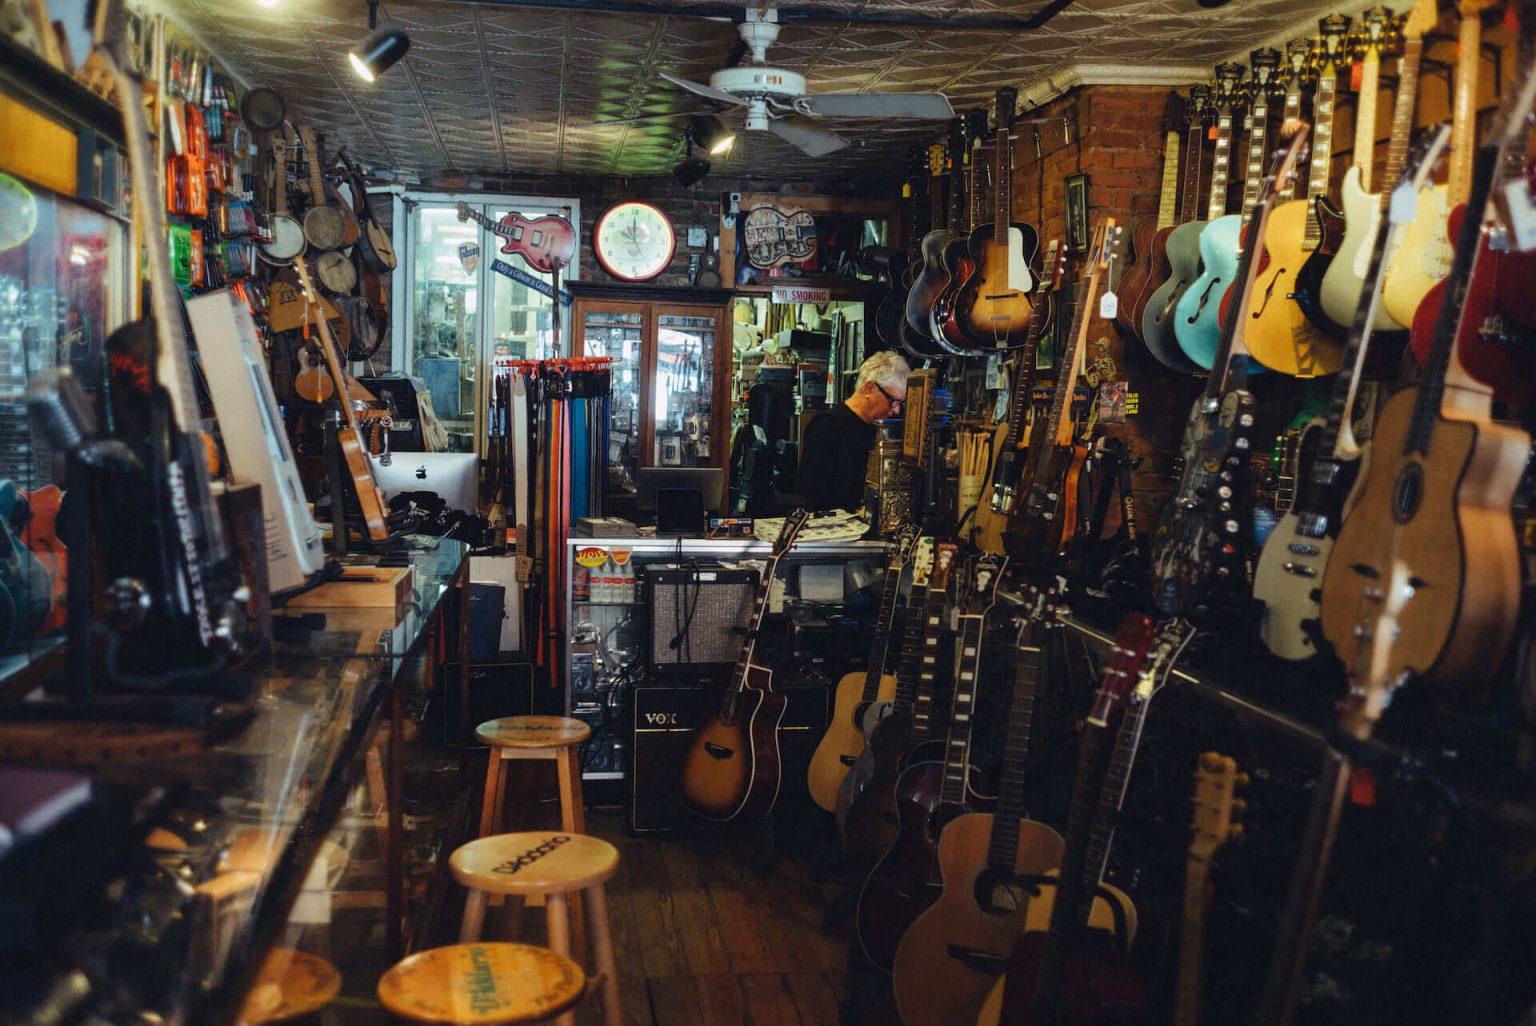 3_320_AT_CarmineStreetGuitars-1440x962 歴史が染みついた建築物でギターを作る「Carmine Street Guitars」ギター職人の工房と、シティの限られた行き先